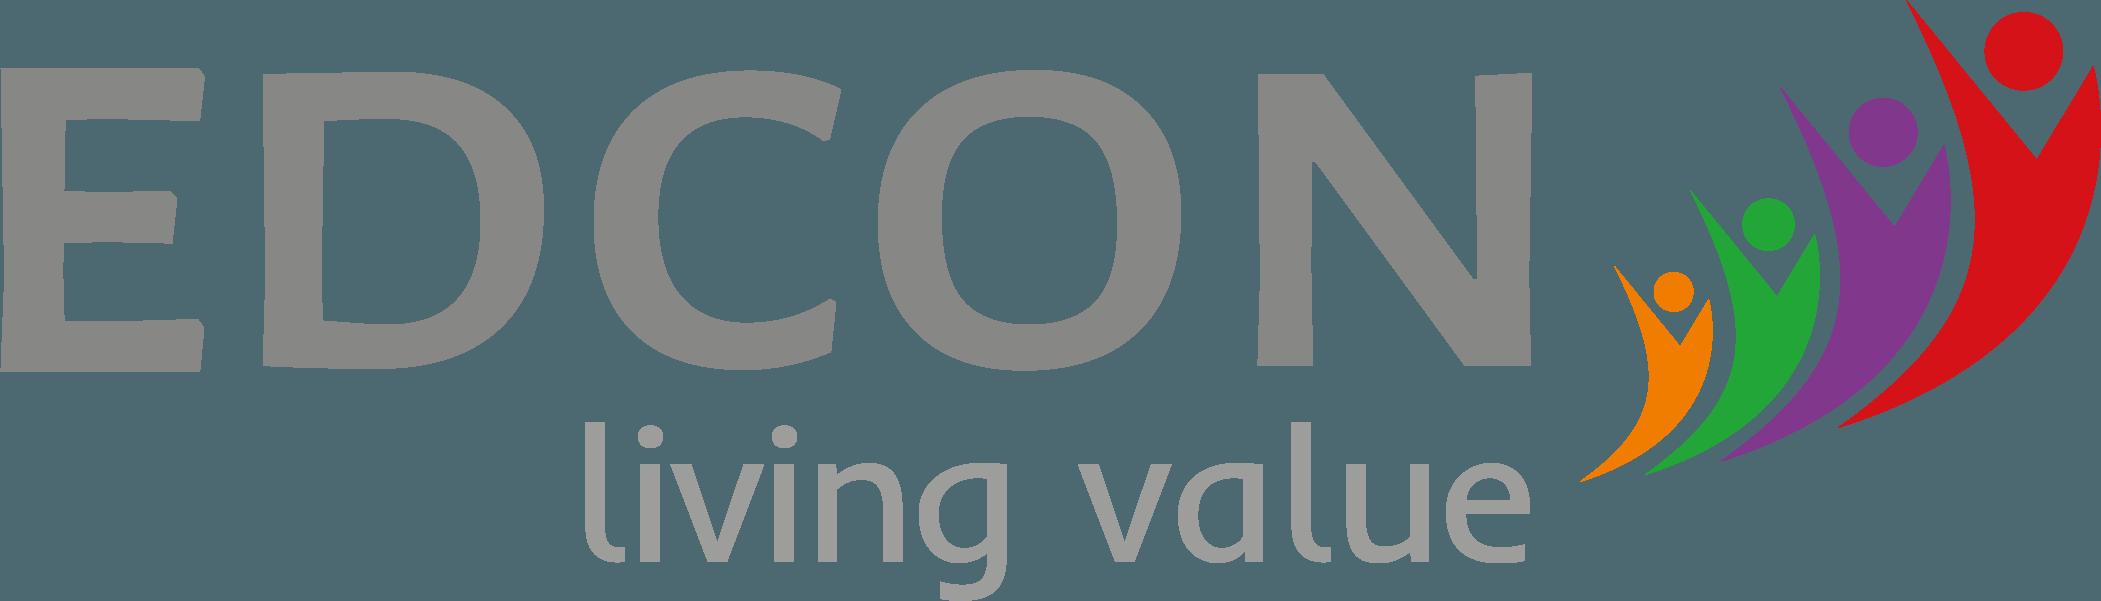 Edcon_logo